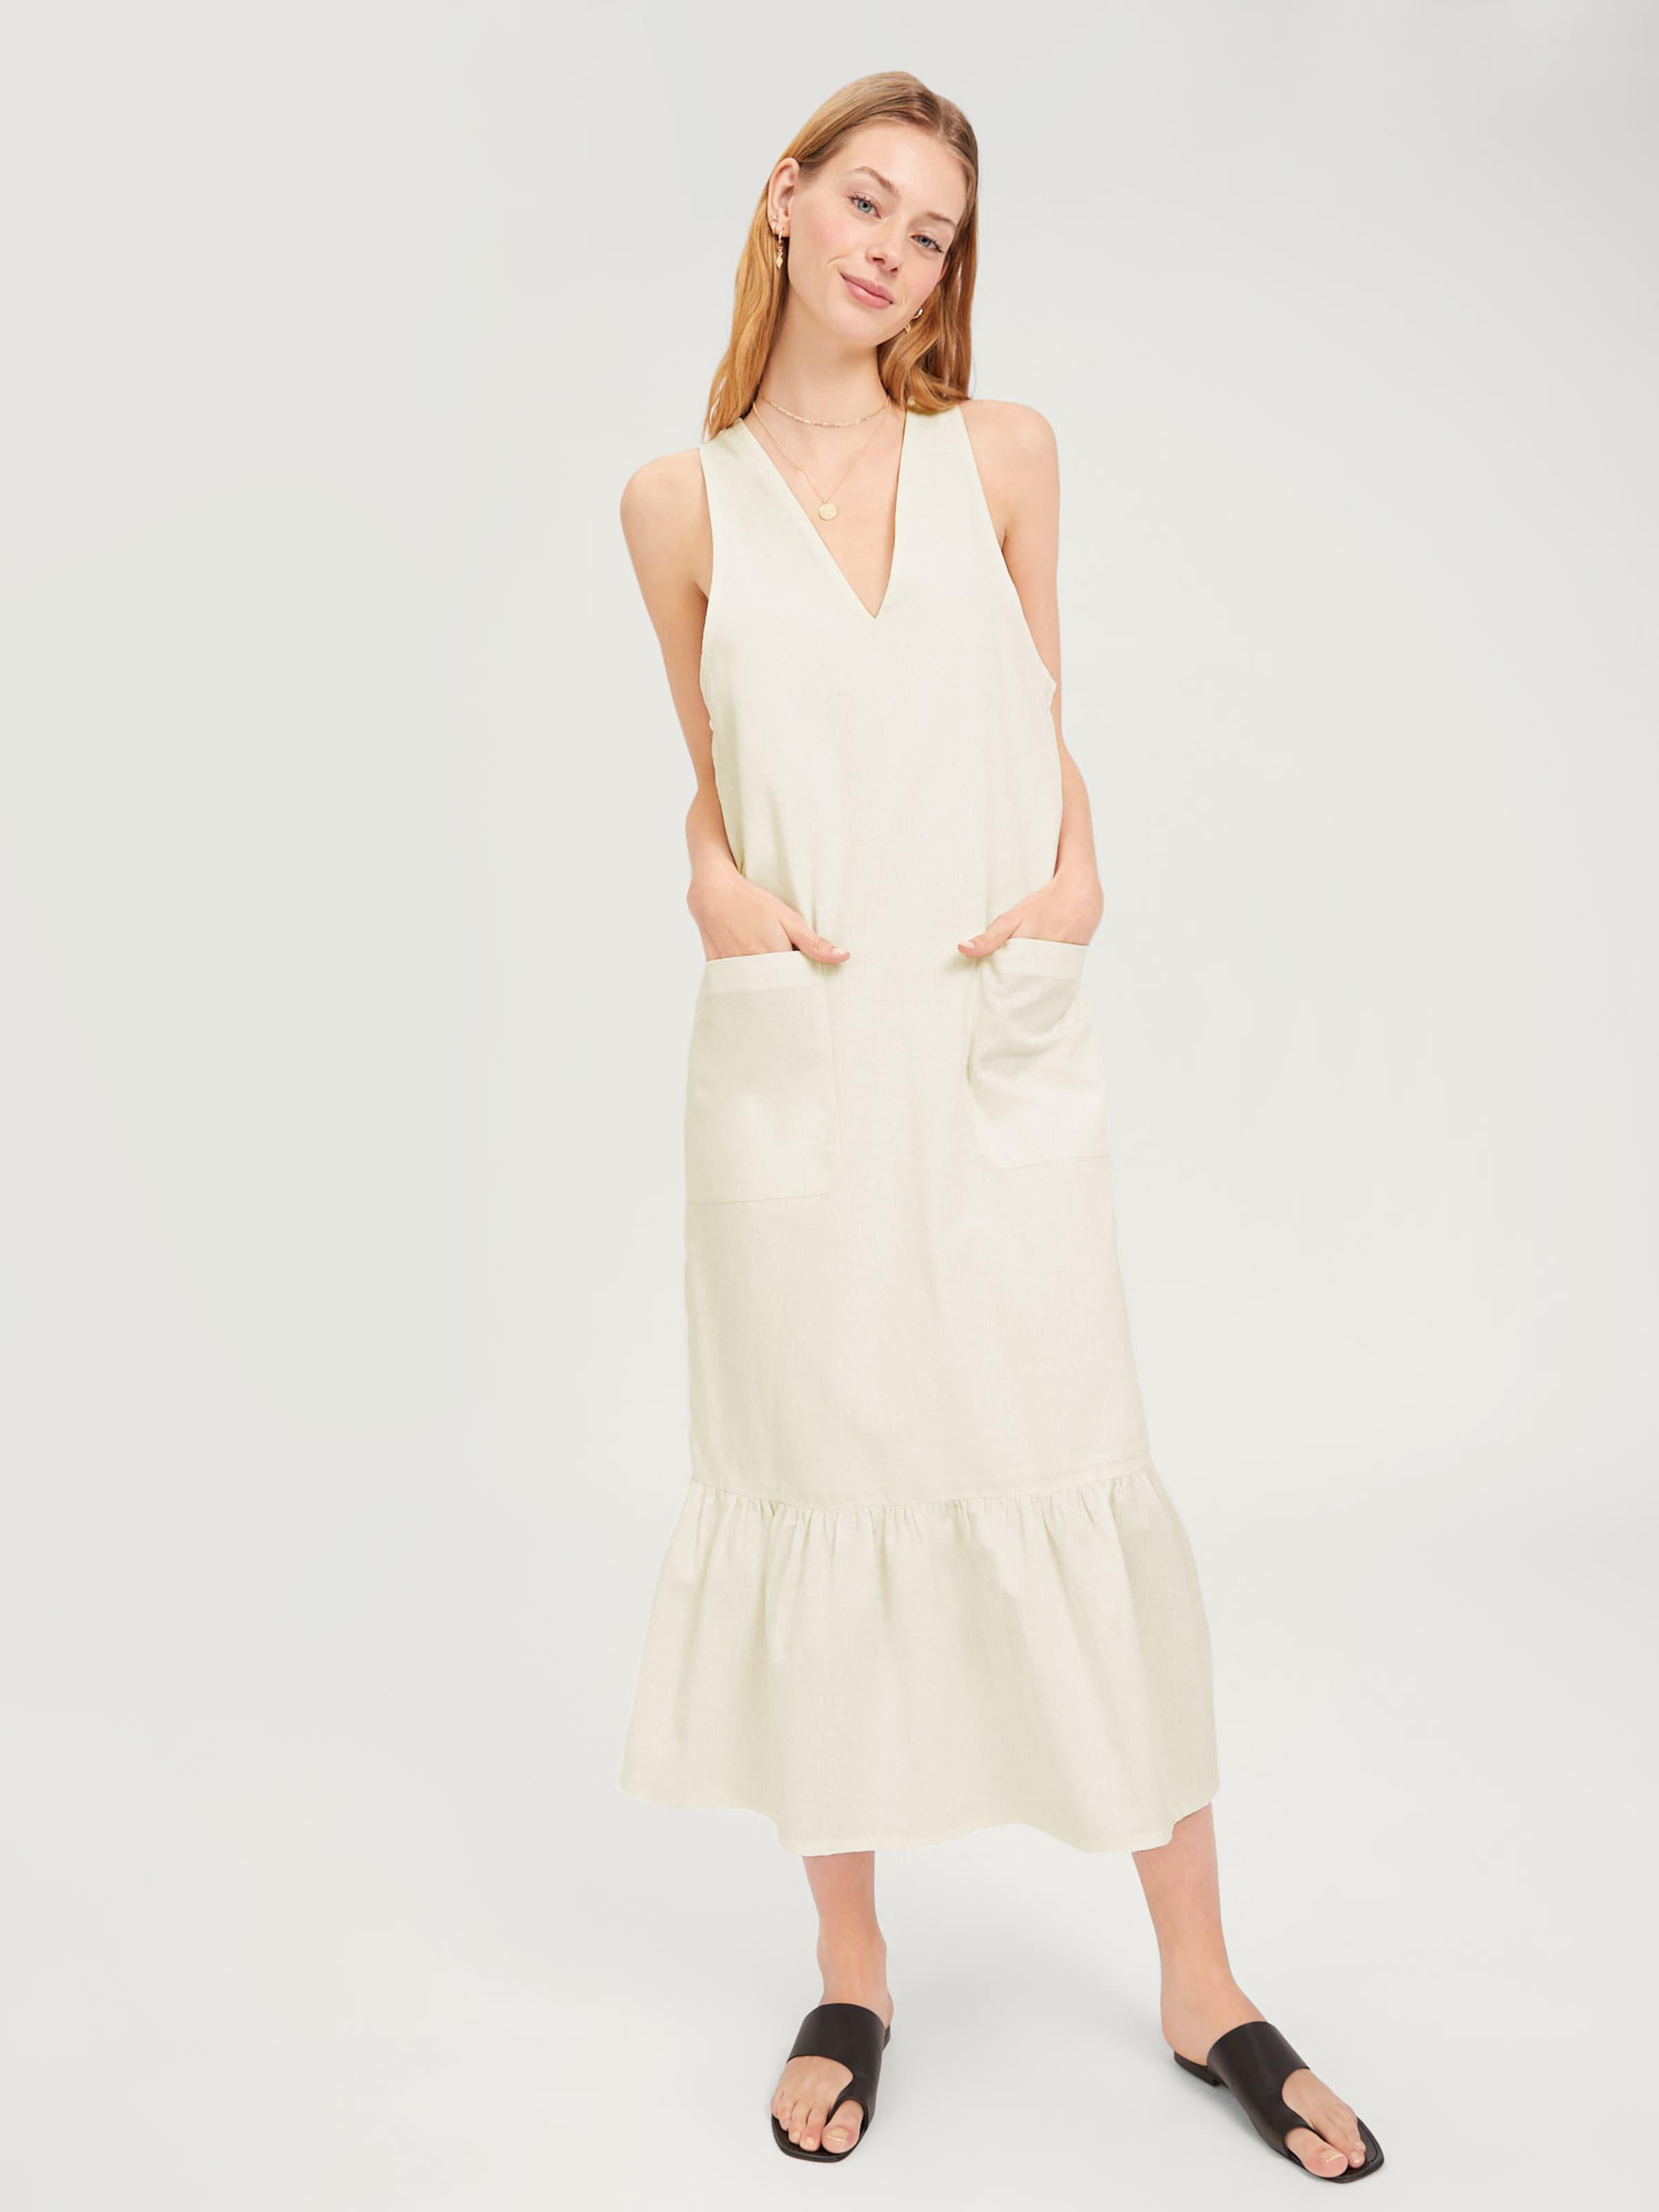 D'été En 'devin' Cassé Edited Blanc Robe 3ScAjq54LR